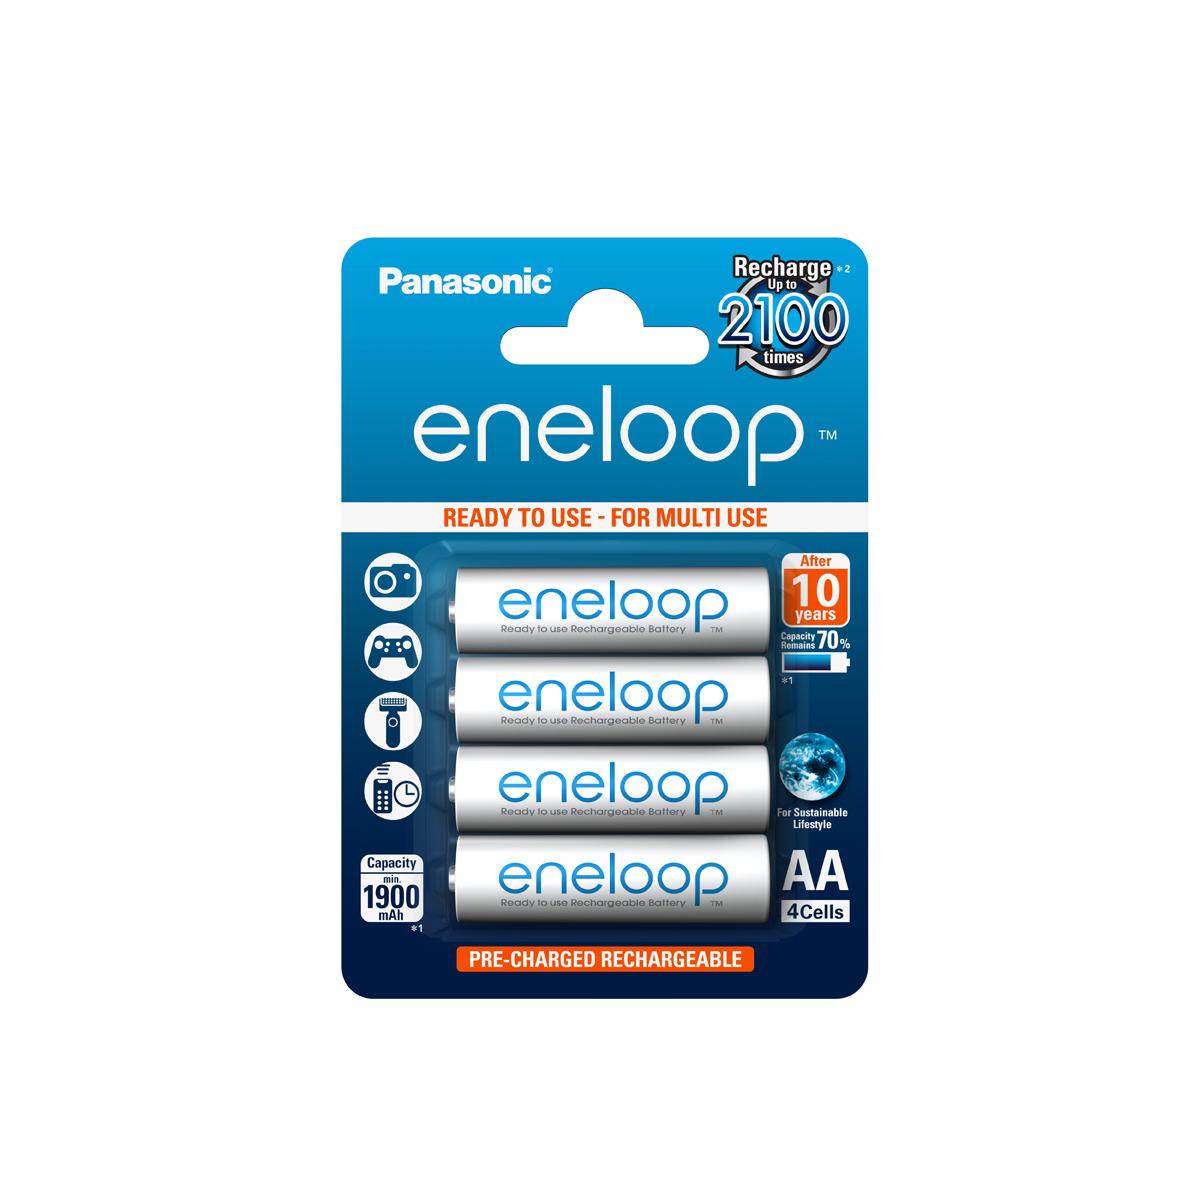 Panasonic Eneloop hleðslurafhlöður